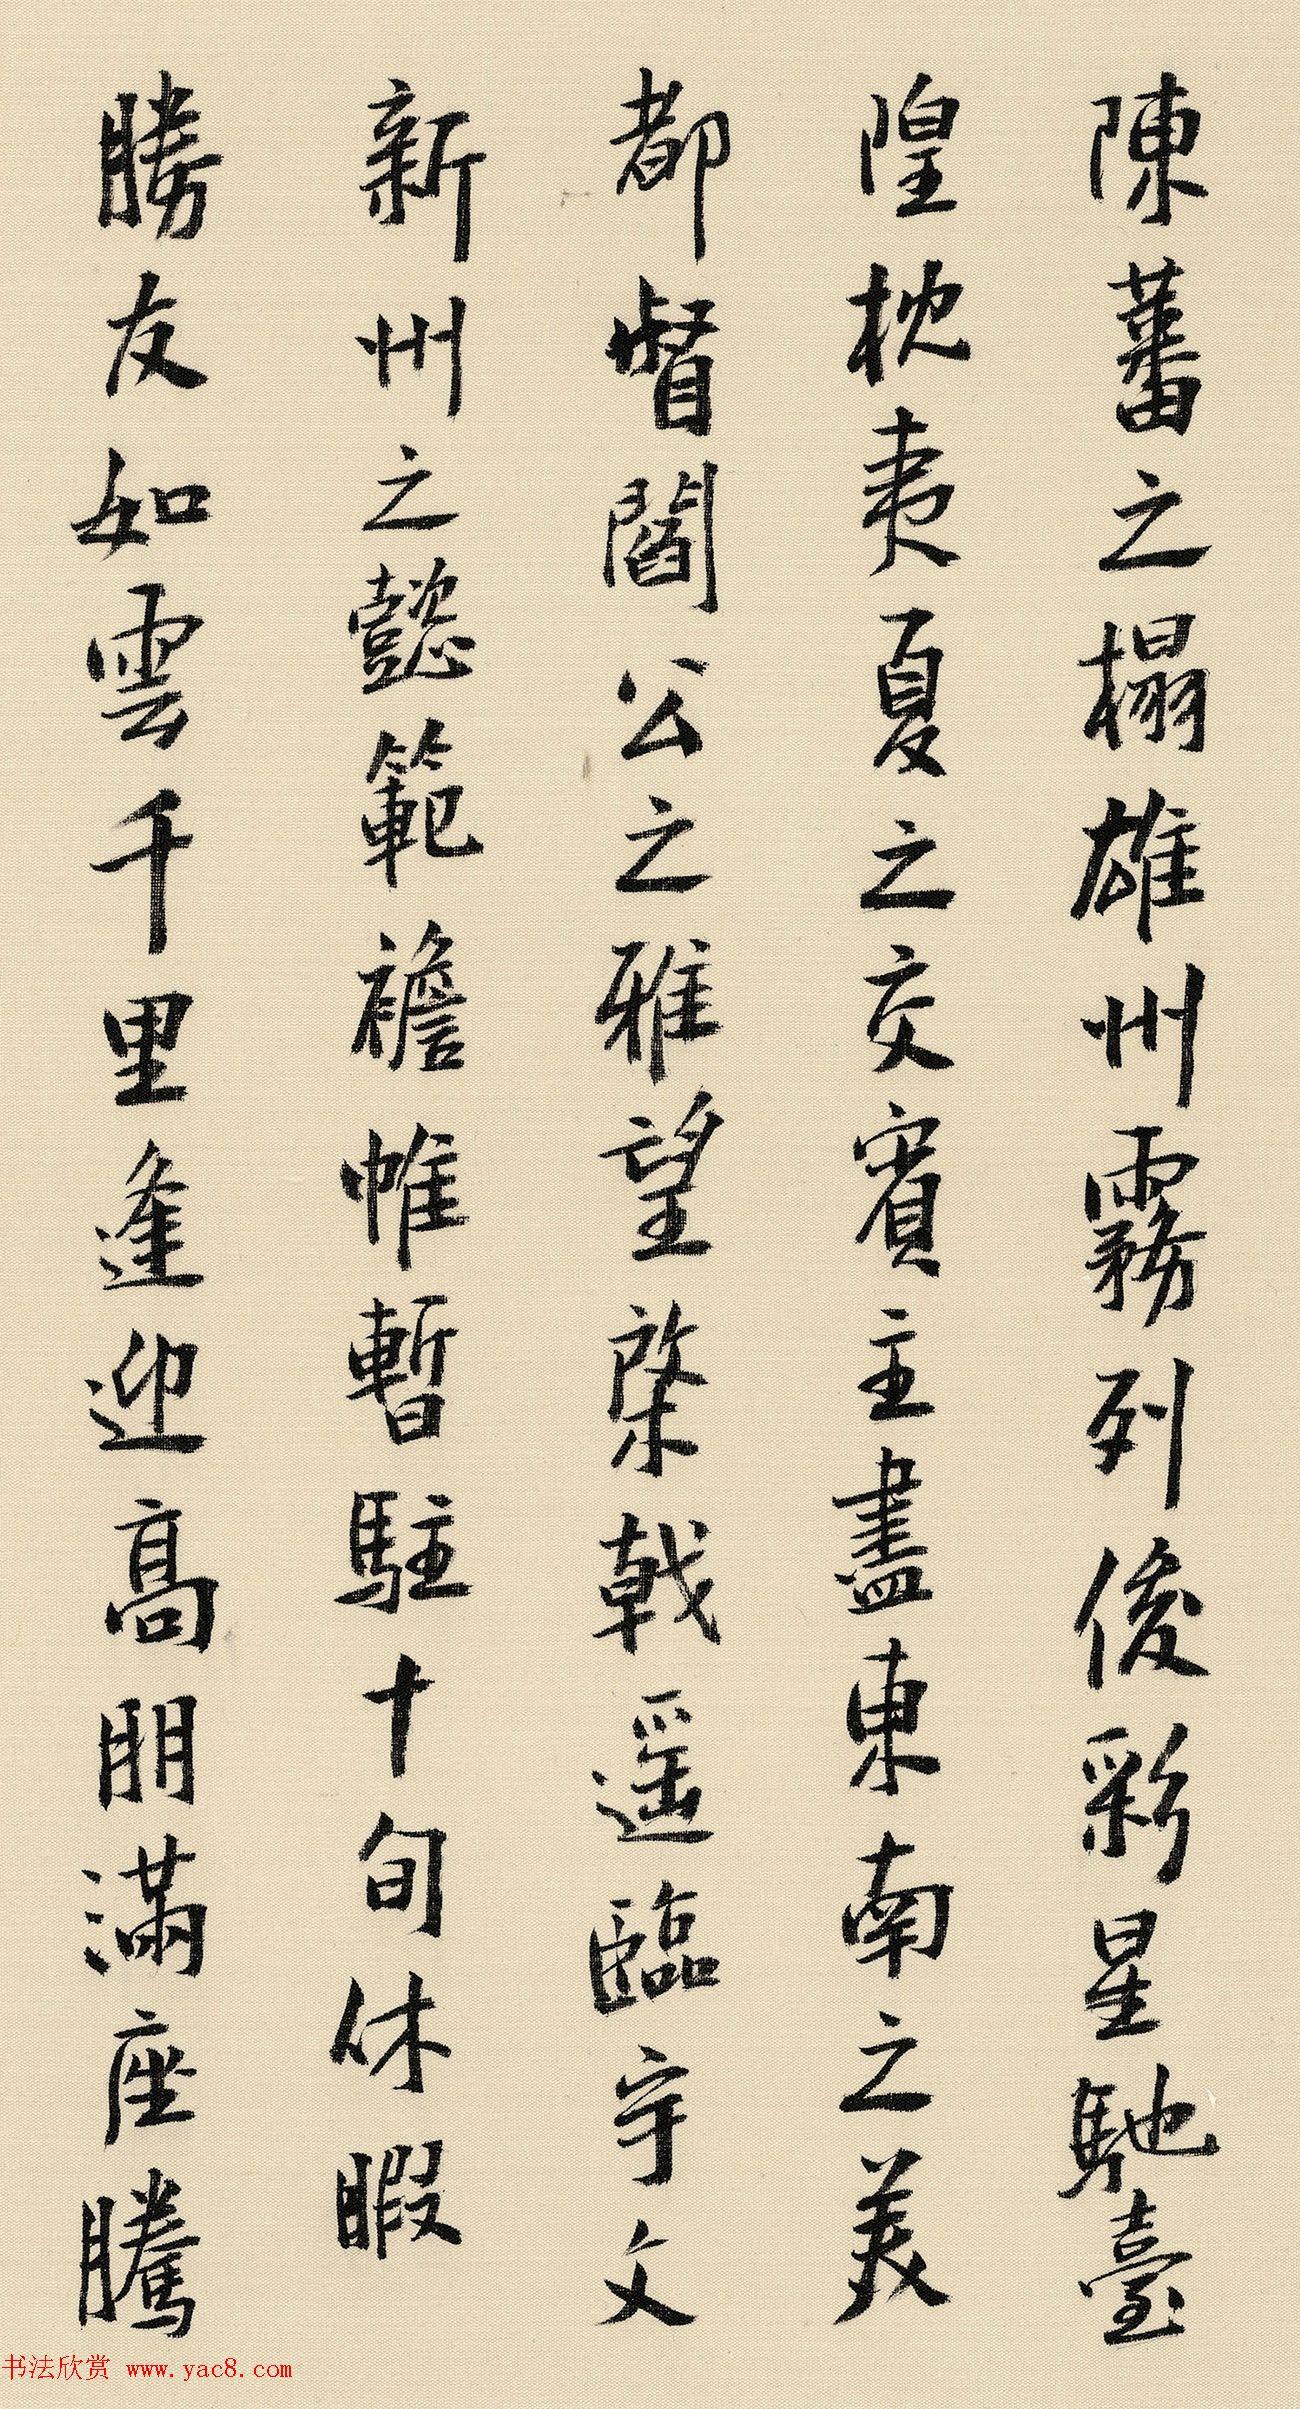 王明明书法手卷《滕王阁序》高清本